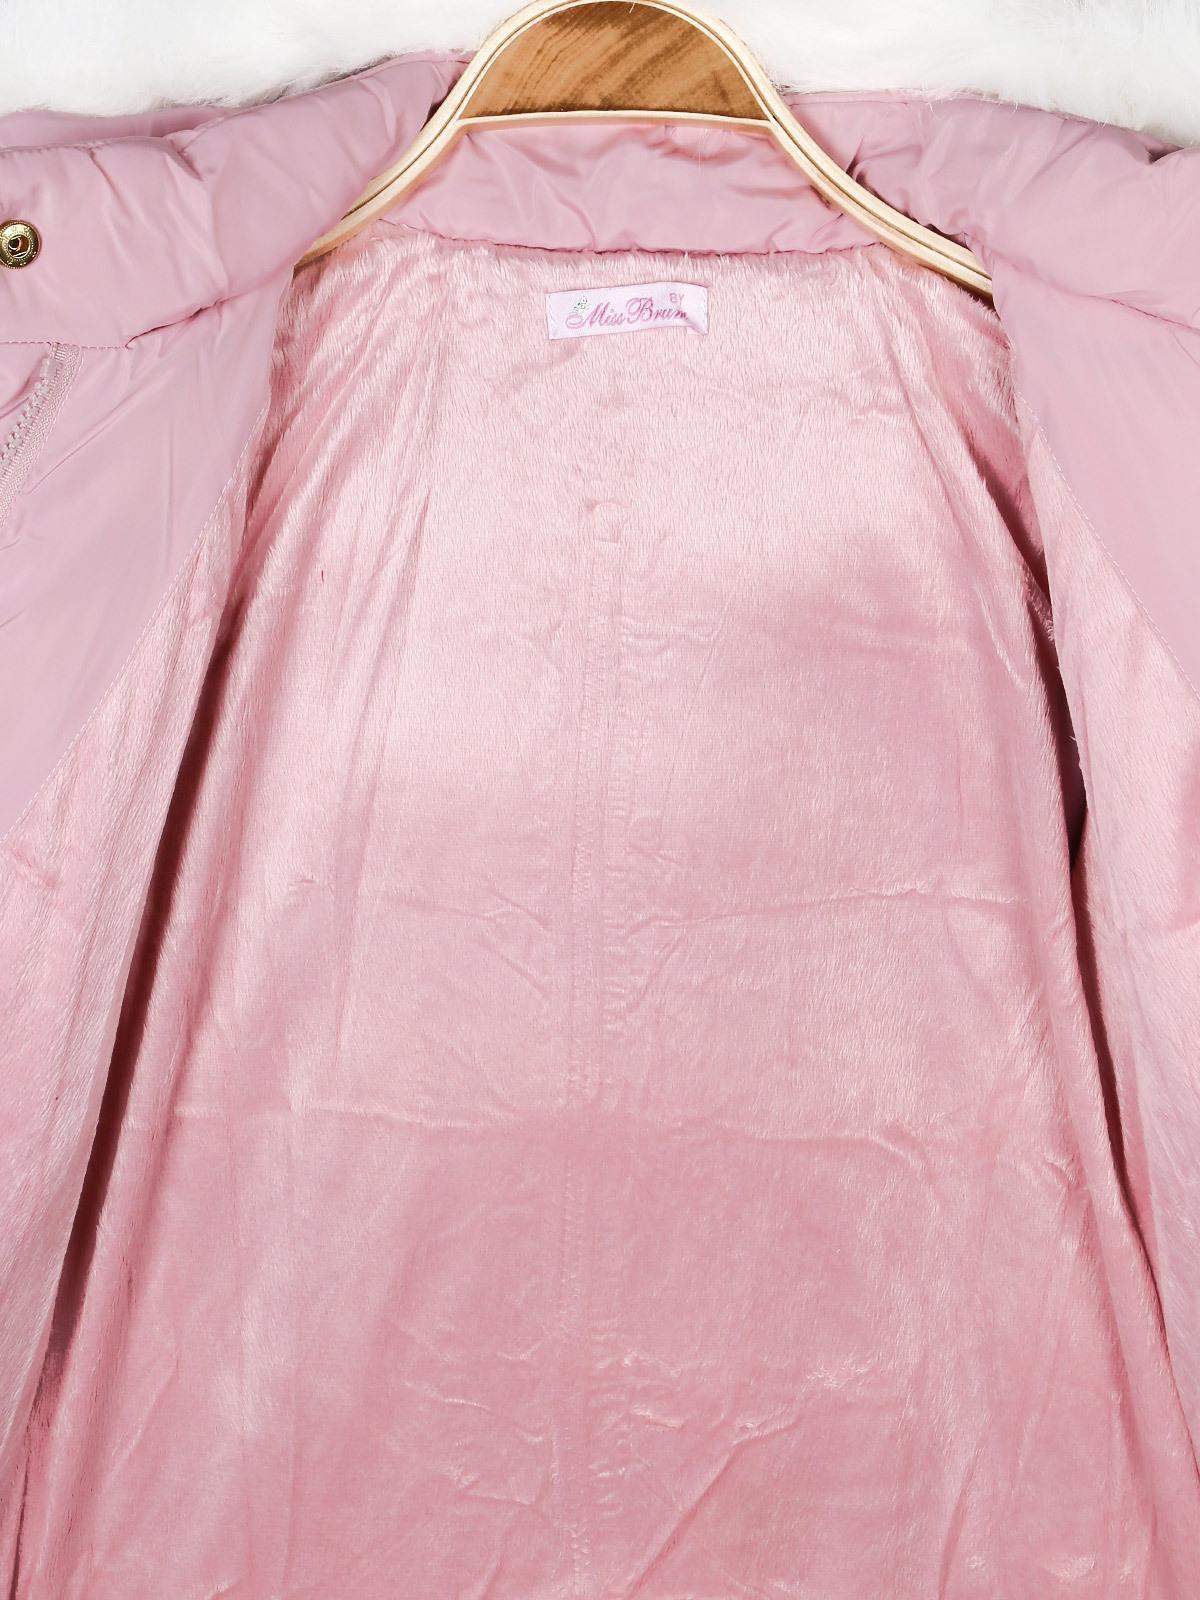 info for 27402 a484d Giubbotto rosa con cappuccio e pelo miss brum | MecShopping